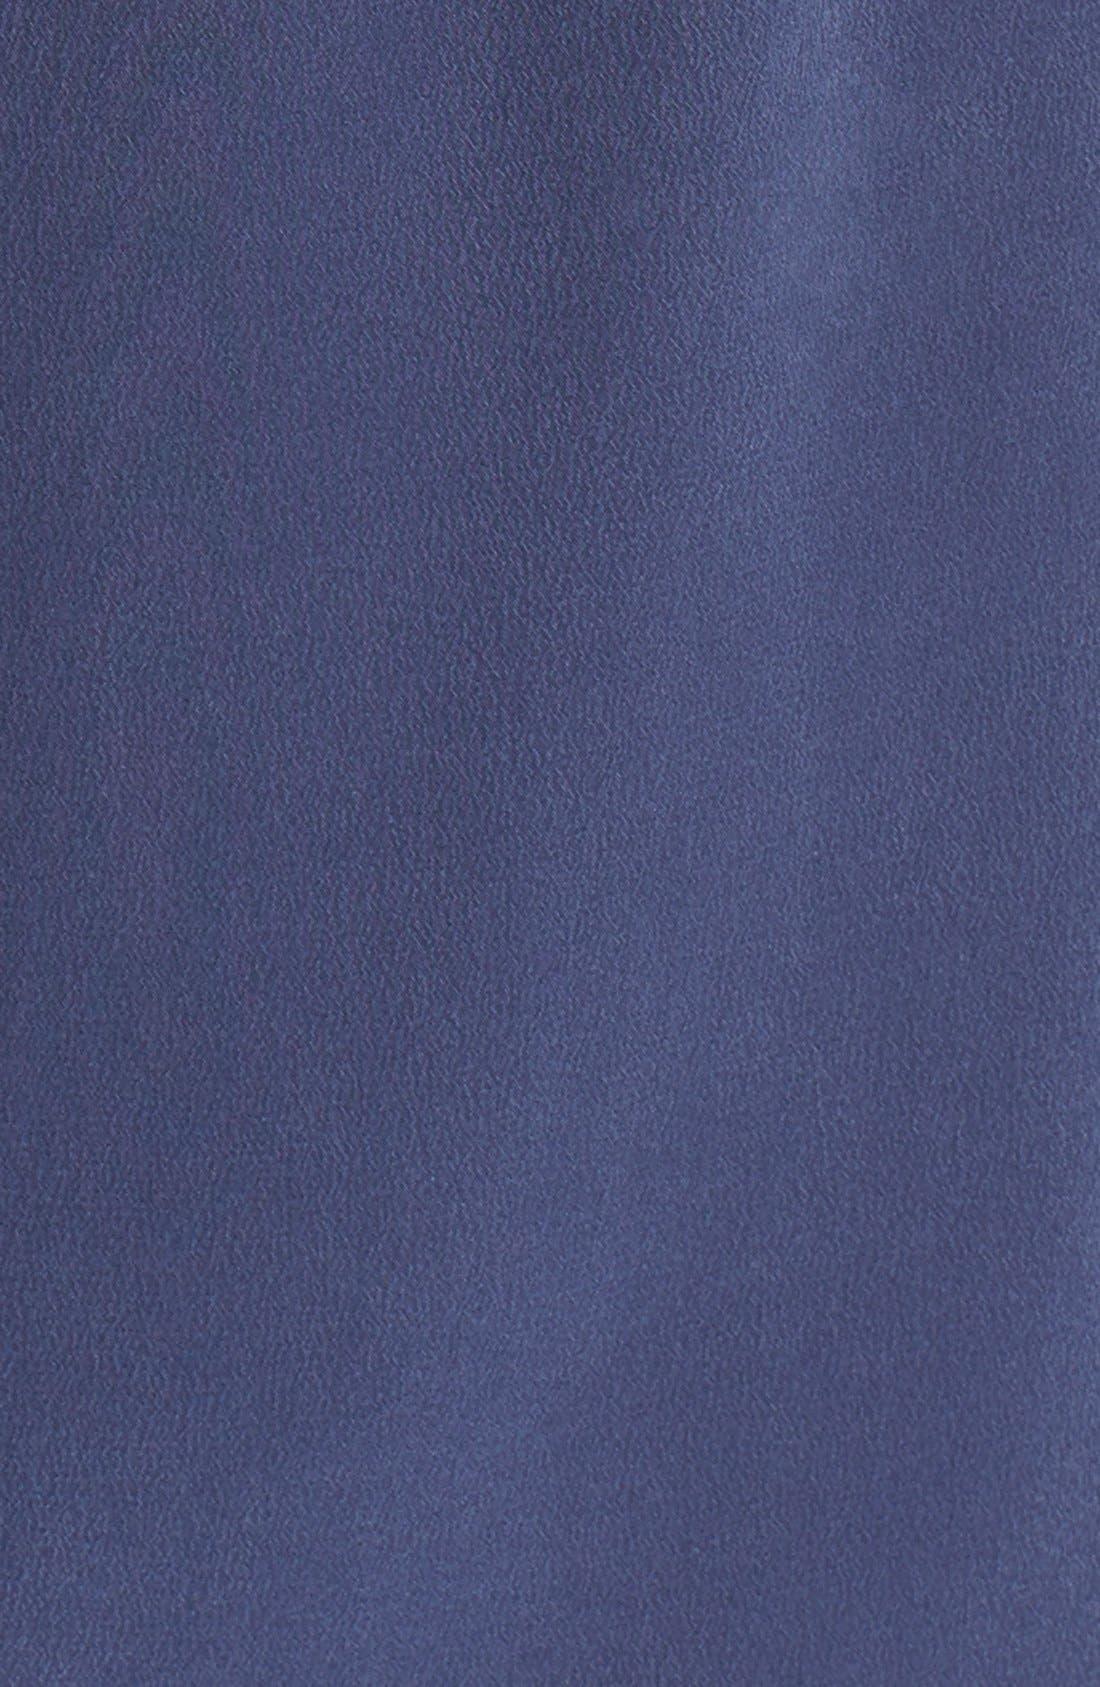 'Signature' Silk Shirtdress,                             Alternate thumbnail 3, color,                             Peacoat